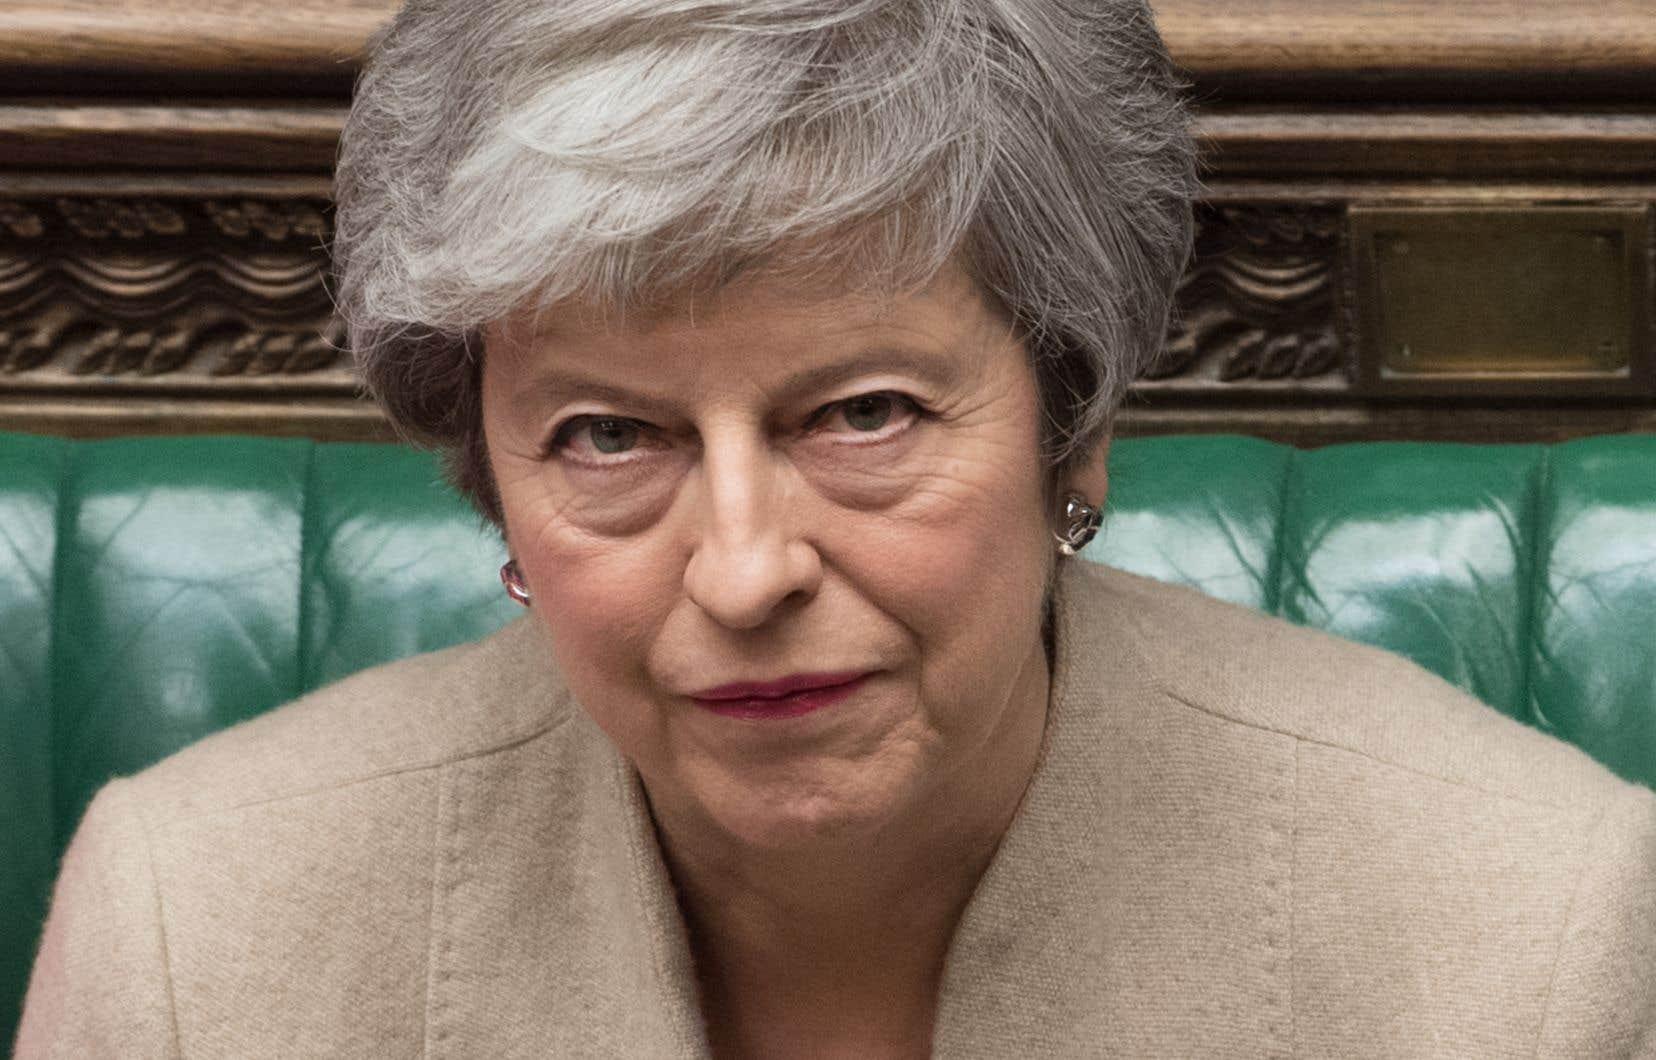 Theresa May a assuré qu'elle continuerait à «plaider en faveur d'un Brexit ordonné», mais reconnu aussi que les députés devraient se mettre d'accord sur une «autre voie».